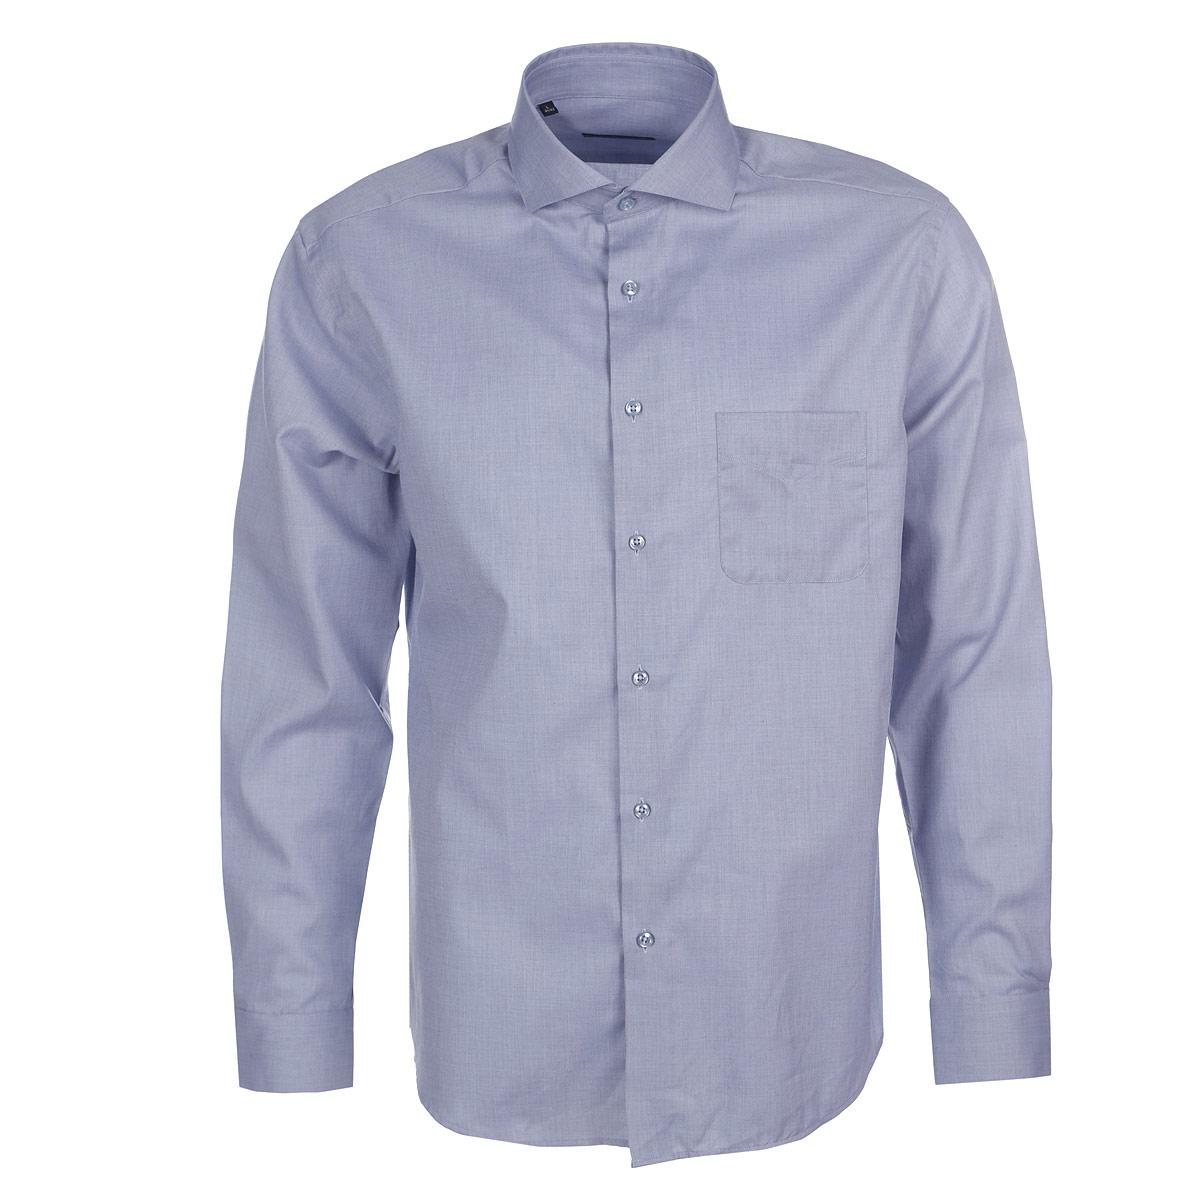 Рубашка мужская. 501019501019Элегантная мужская рубашка Mondigo станет прекрасным дополнением к вашему гардеробу. Она выполнена из натурального хлопка, обладает высокой теплопроводностью, воздухопроницаемостью и гигроскопичностью, позволяет коже дышать, тем самым обеспечивая наибольший комфорт при носке даже жарким летом. Модель силуэта slim fit с длинными рукавами и строгим отложным воротником застегивается на пуговицы. На груди изделие дополнено накладным карманом. Рукава дополнены широкими манжетами, зауженными к краям. Изделие оформлено фактурным рисунком. Спокойная однотонная расцветка позволяет сочетать рубашку с пиджаками и костюмами различных цветов. Она будет дарить вам комфорт в течение всего дня.